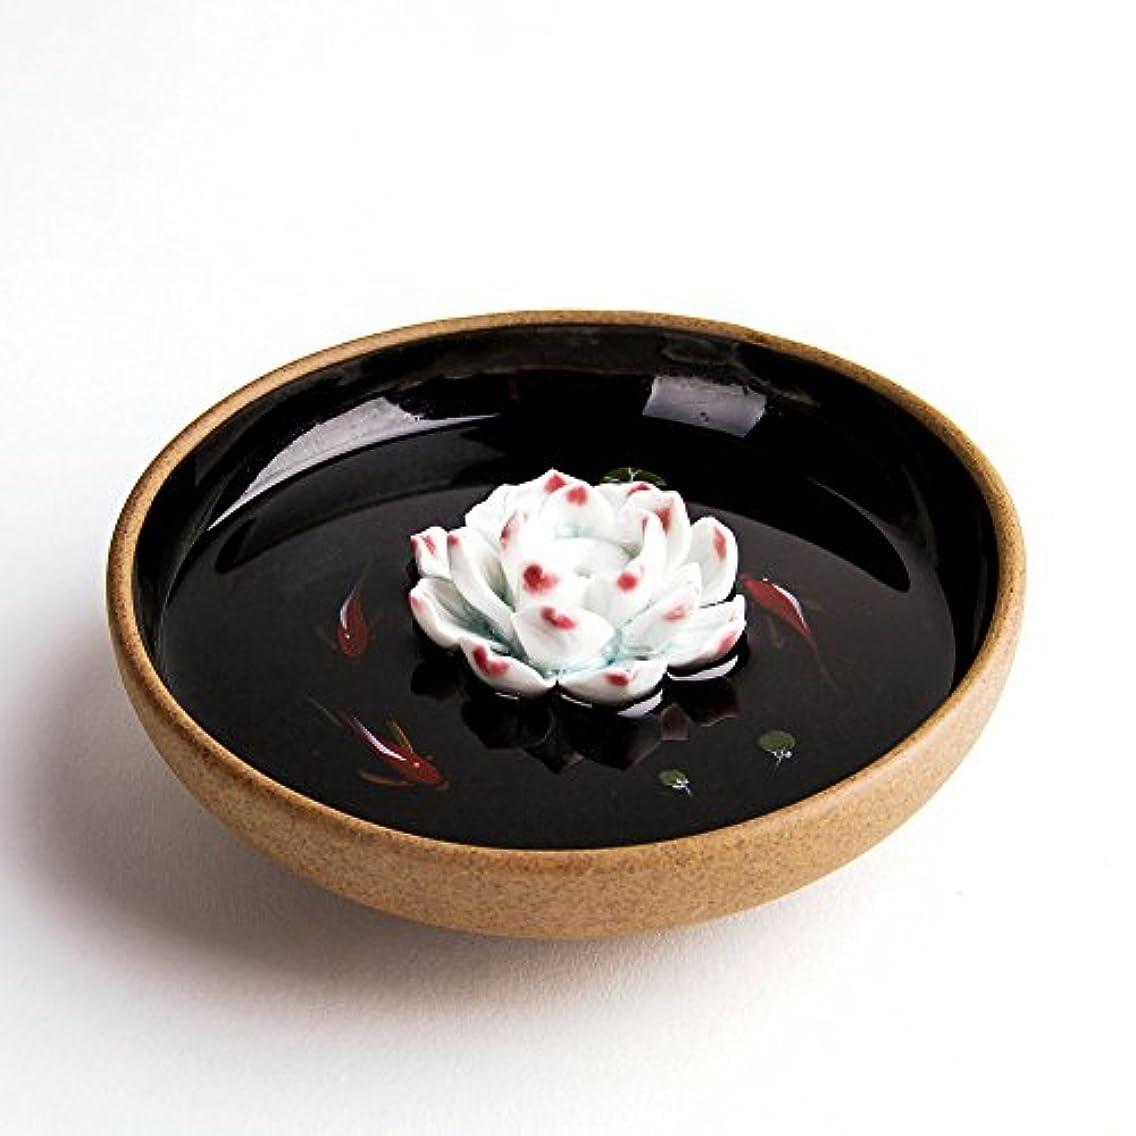 会話彫刻家アルミニウムお香立て お香たて 香の器 お香を焚いて 香皿,陶磁器、黒